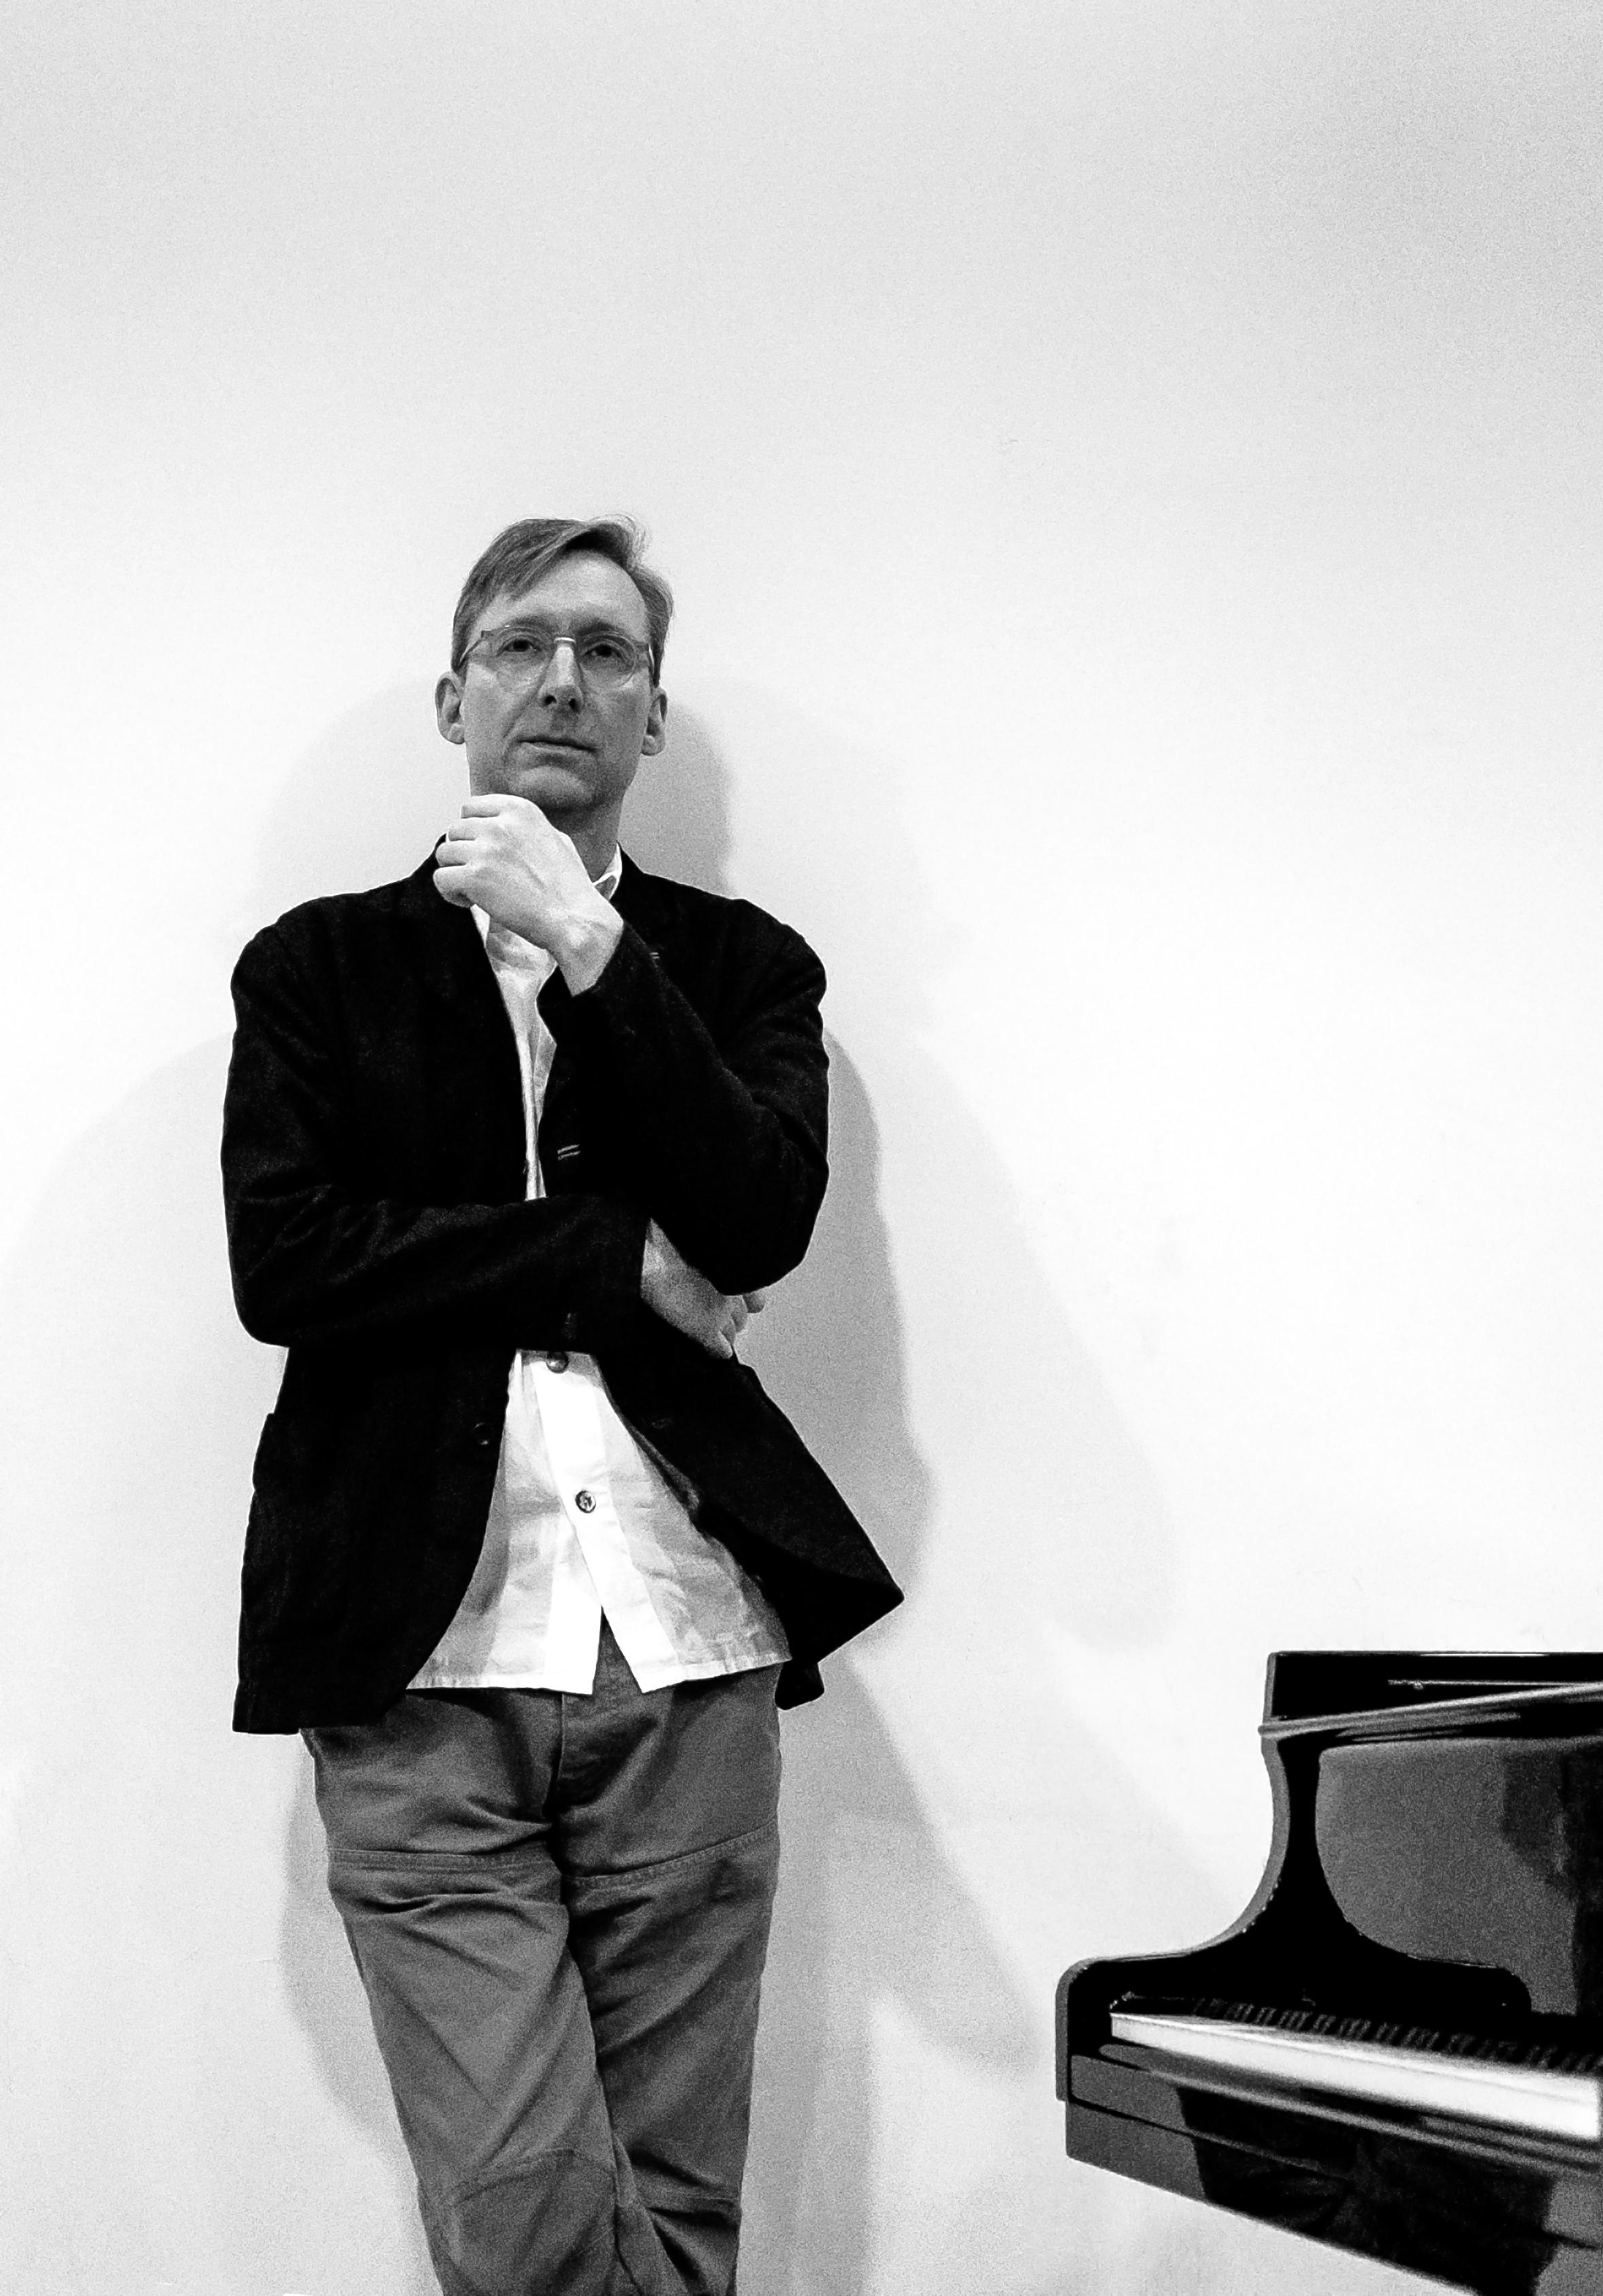 Thorsten Wagner / Foto: David Woerpel